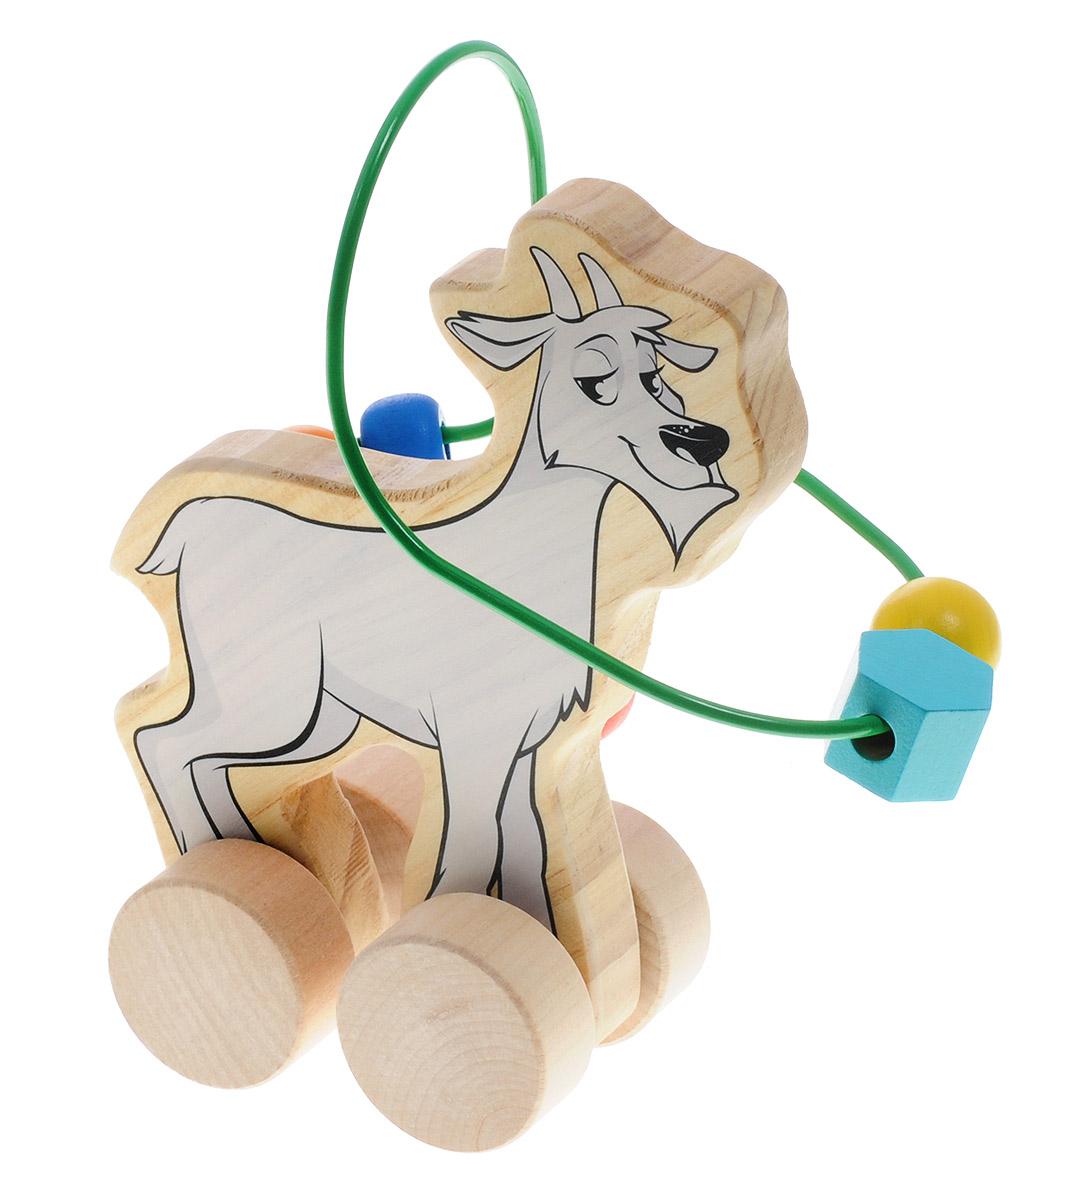 Мир деревянных игрушек Лабиринт-каталка Козел мир деревянных игрушек лабиринт каталка козел